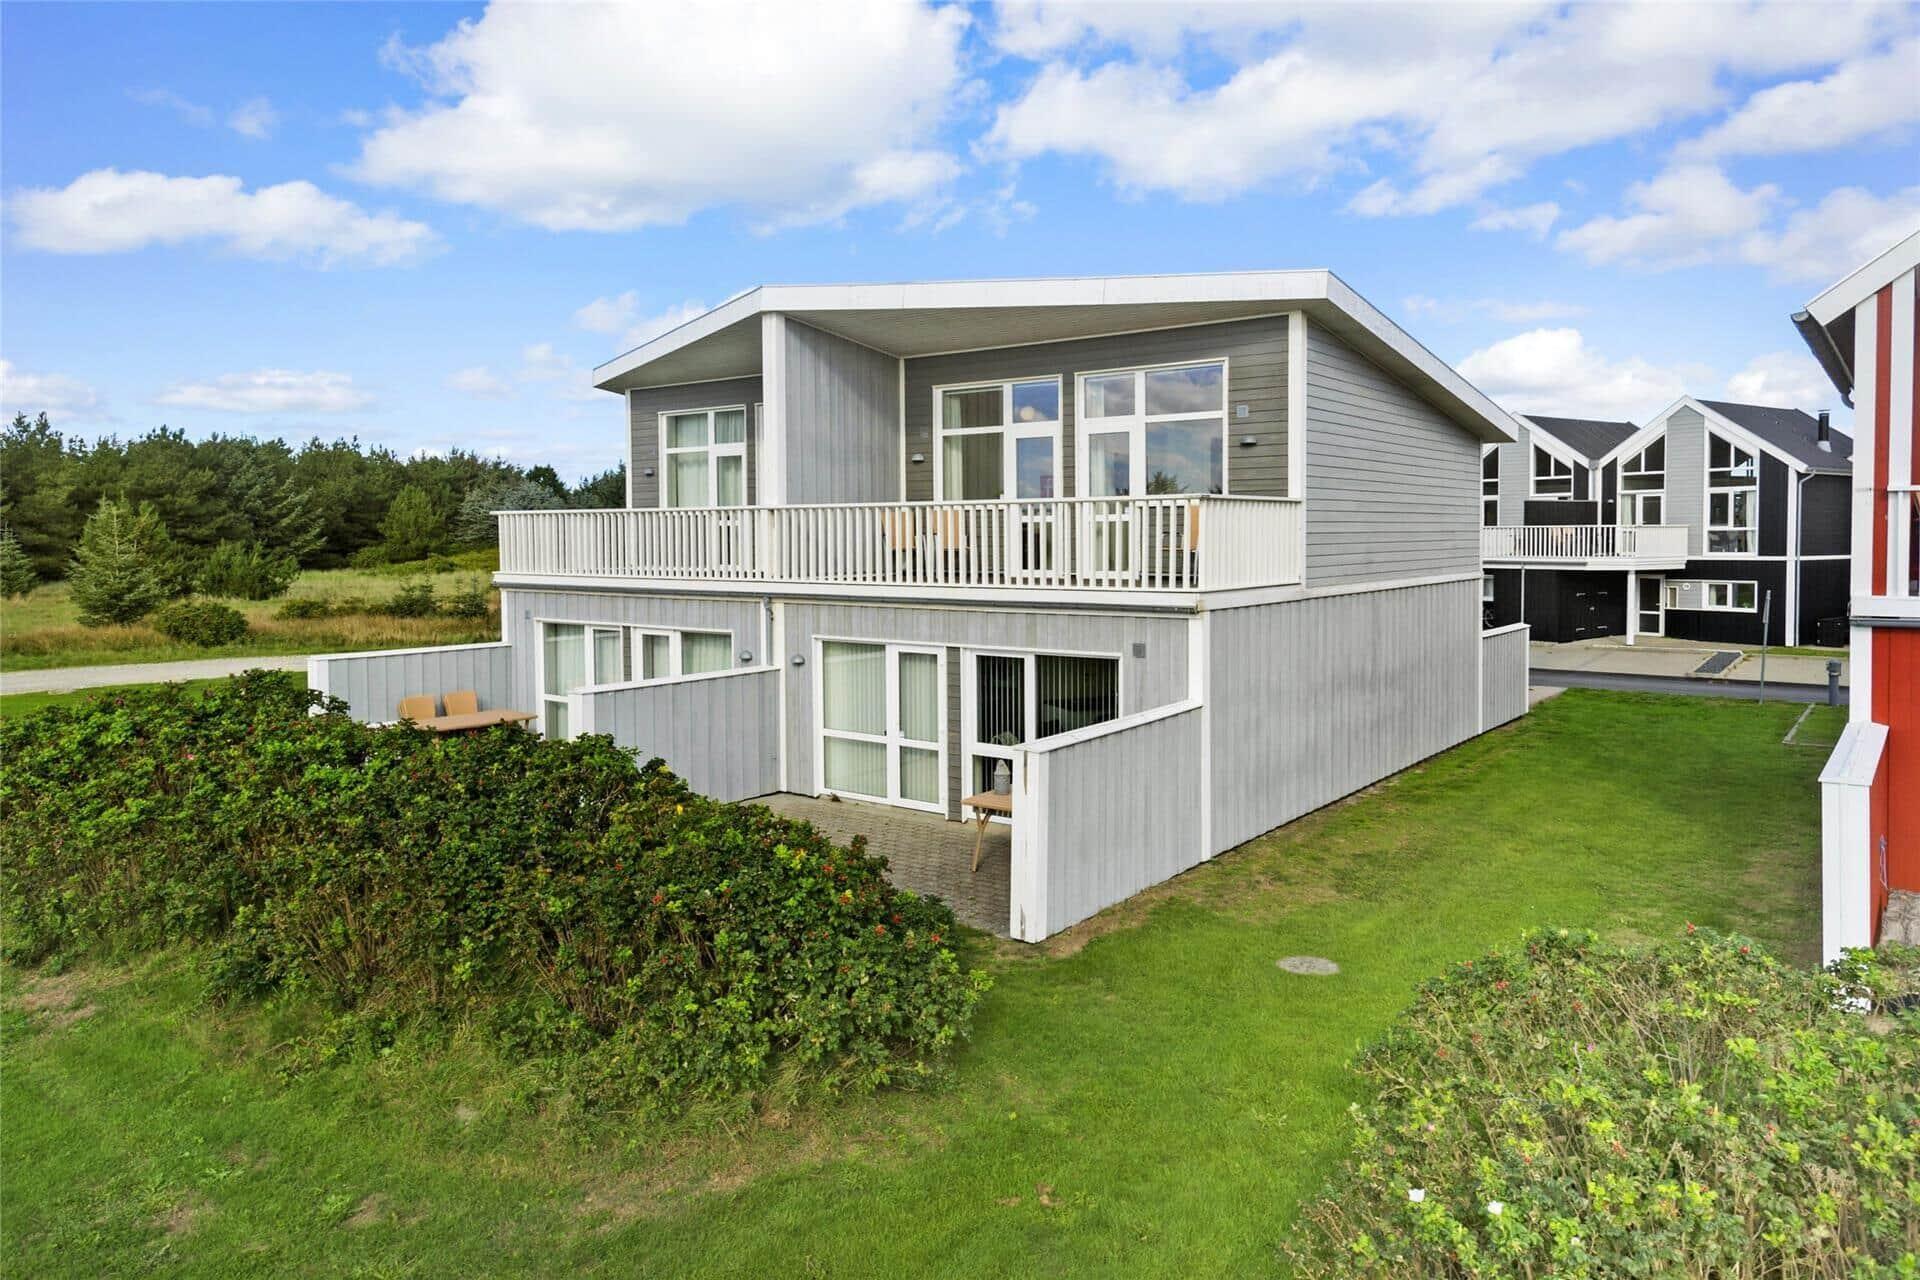 Image 1-14 Holiday-home 1599, Laksen 45, DK - 9480 Løkken